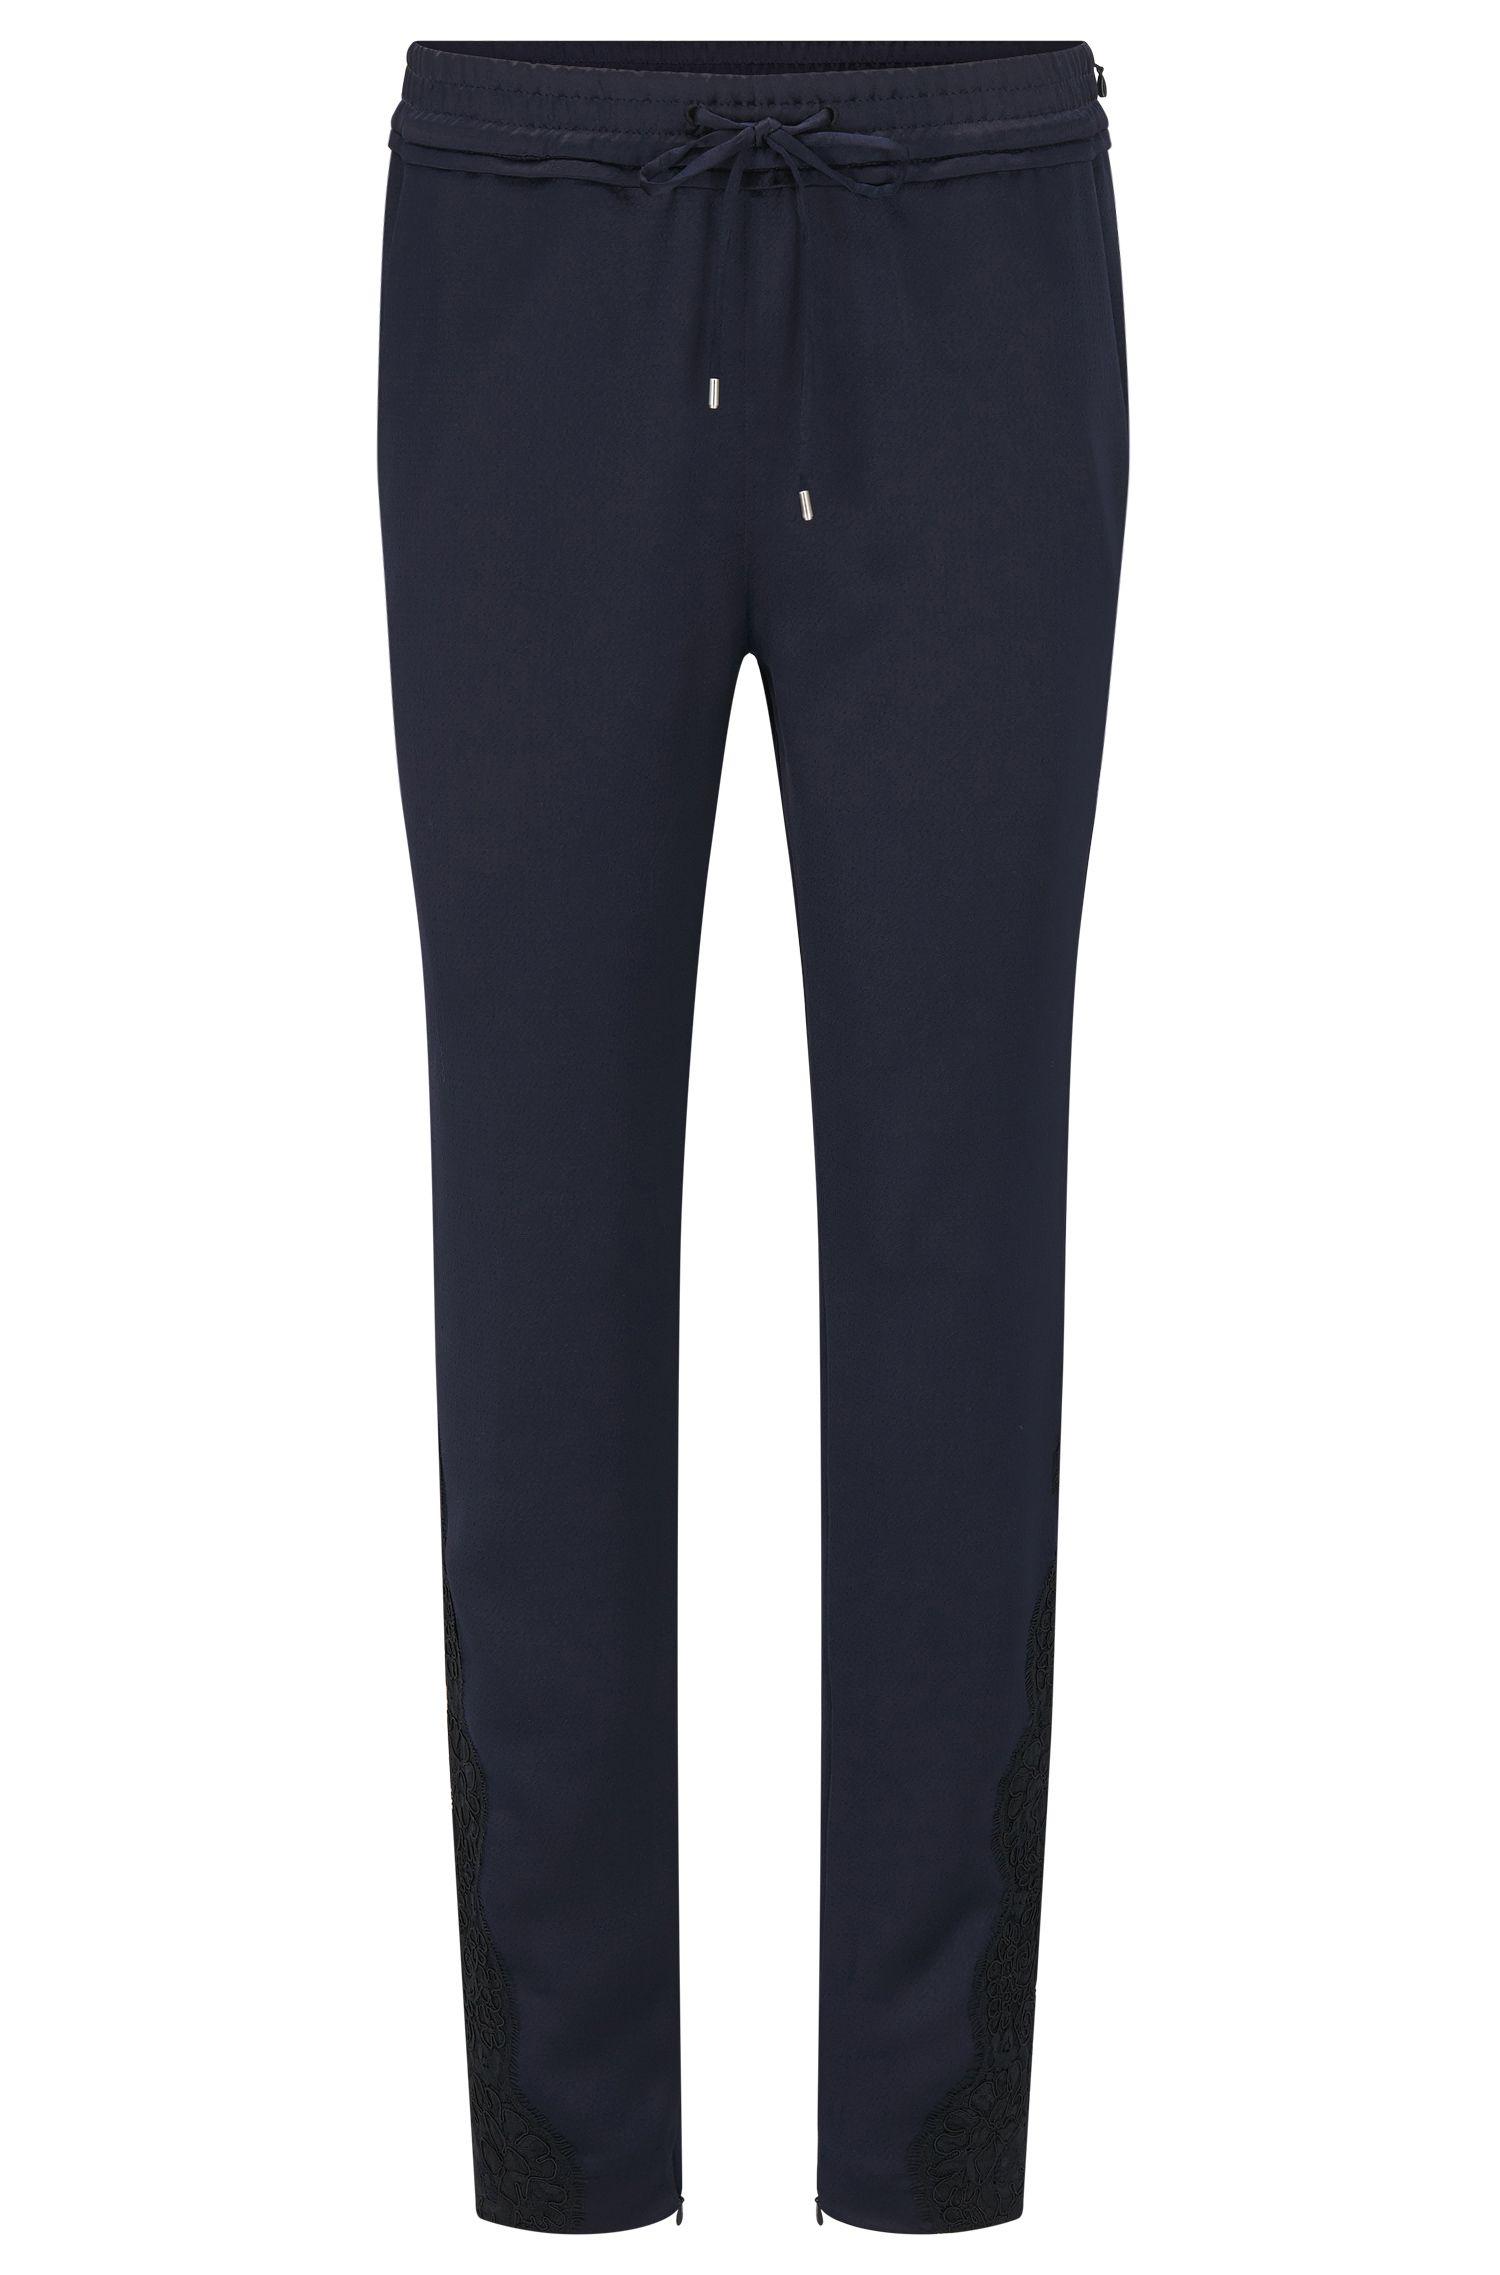 Pantalon Relaxed Fit façon pantalon molletonné avec ceinture froncée